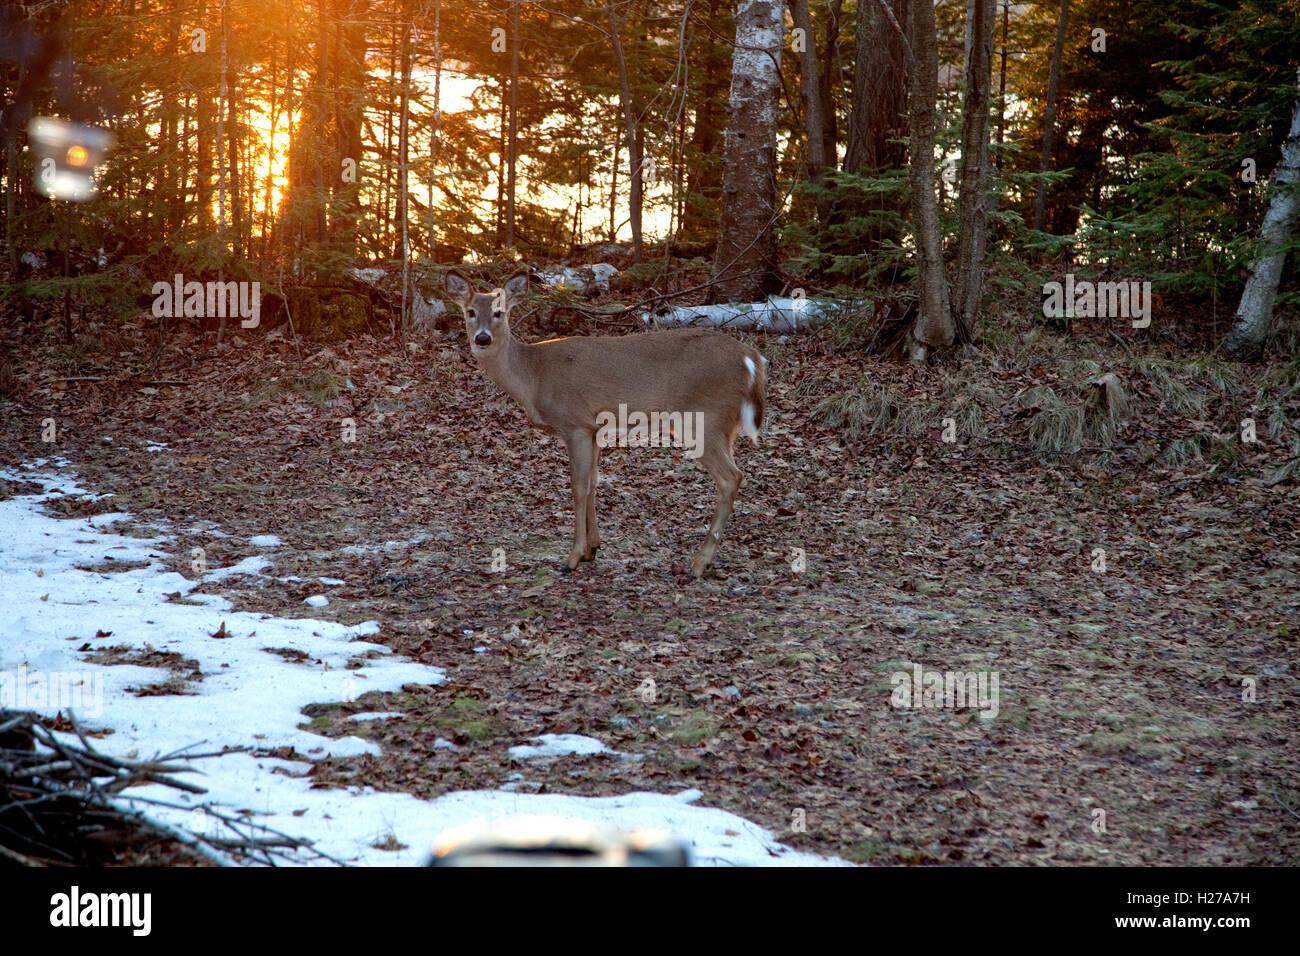 Weißen Schweif Doe Reh im Vorgarten der Hütte am See Knot-. Kabel Wisconsin WI USA Stockbild